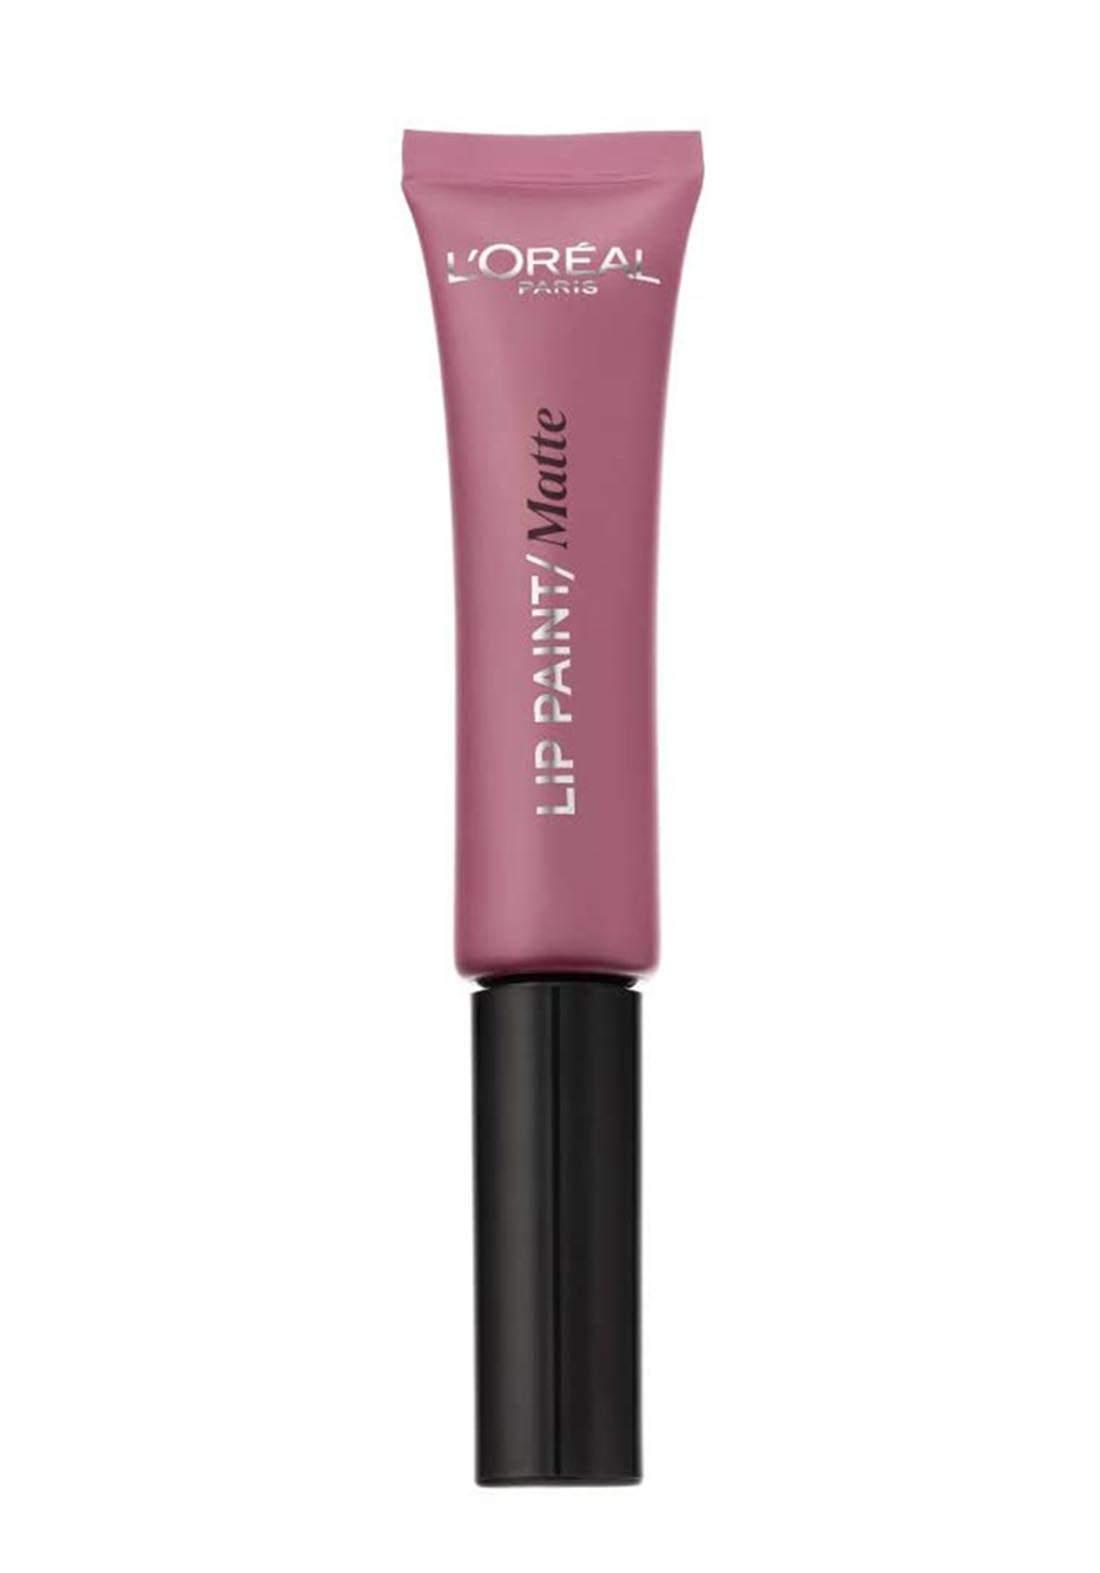 L'Oreal Paris Infallible Matte Lip Paint 212 Nude (027-0961) احمر شفاه